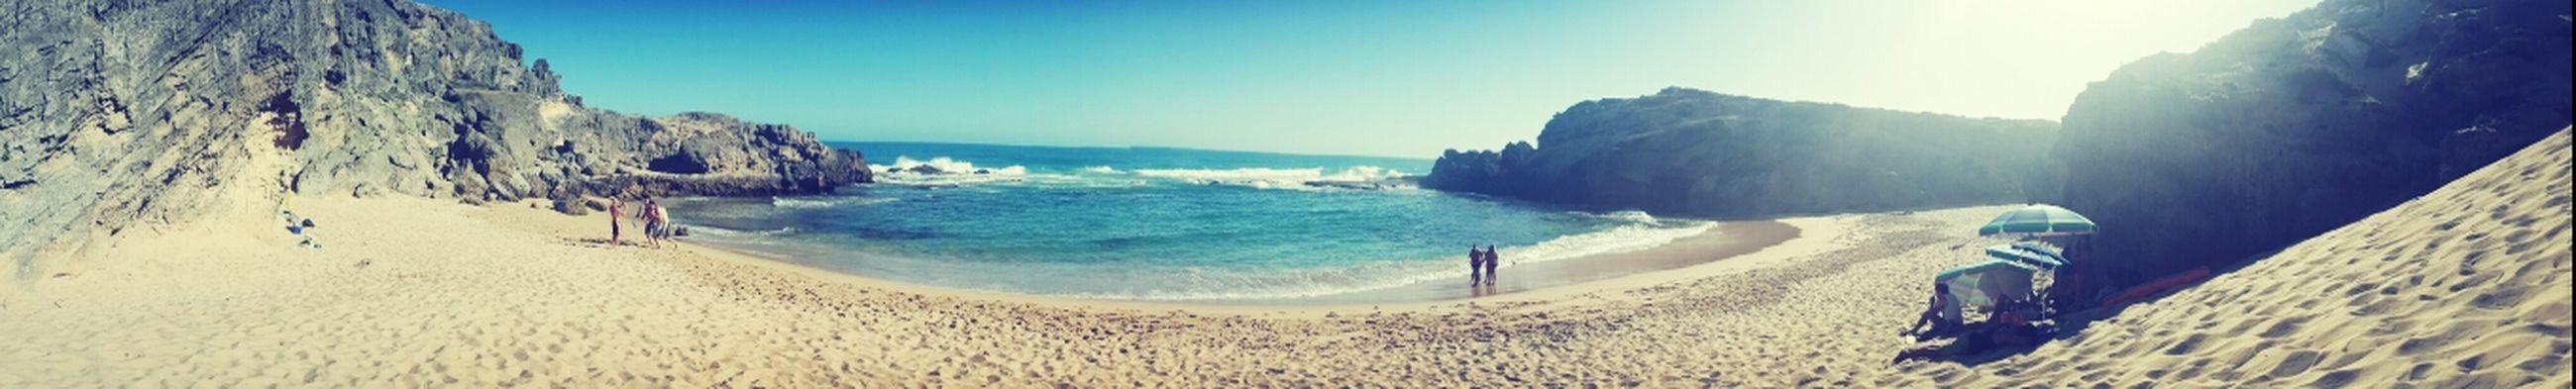 Beachphotography Panorama